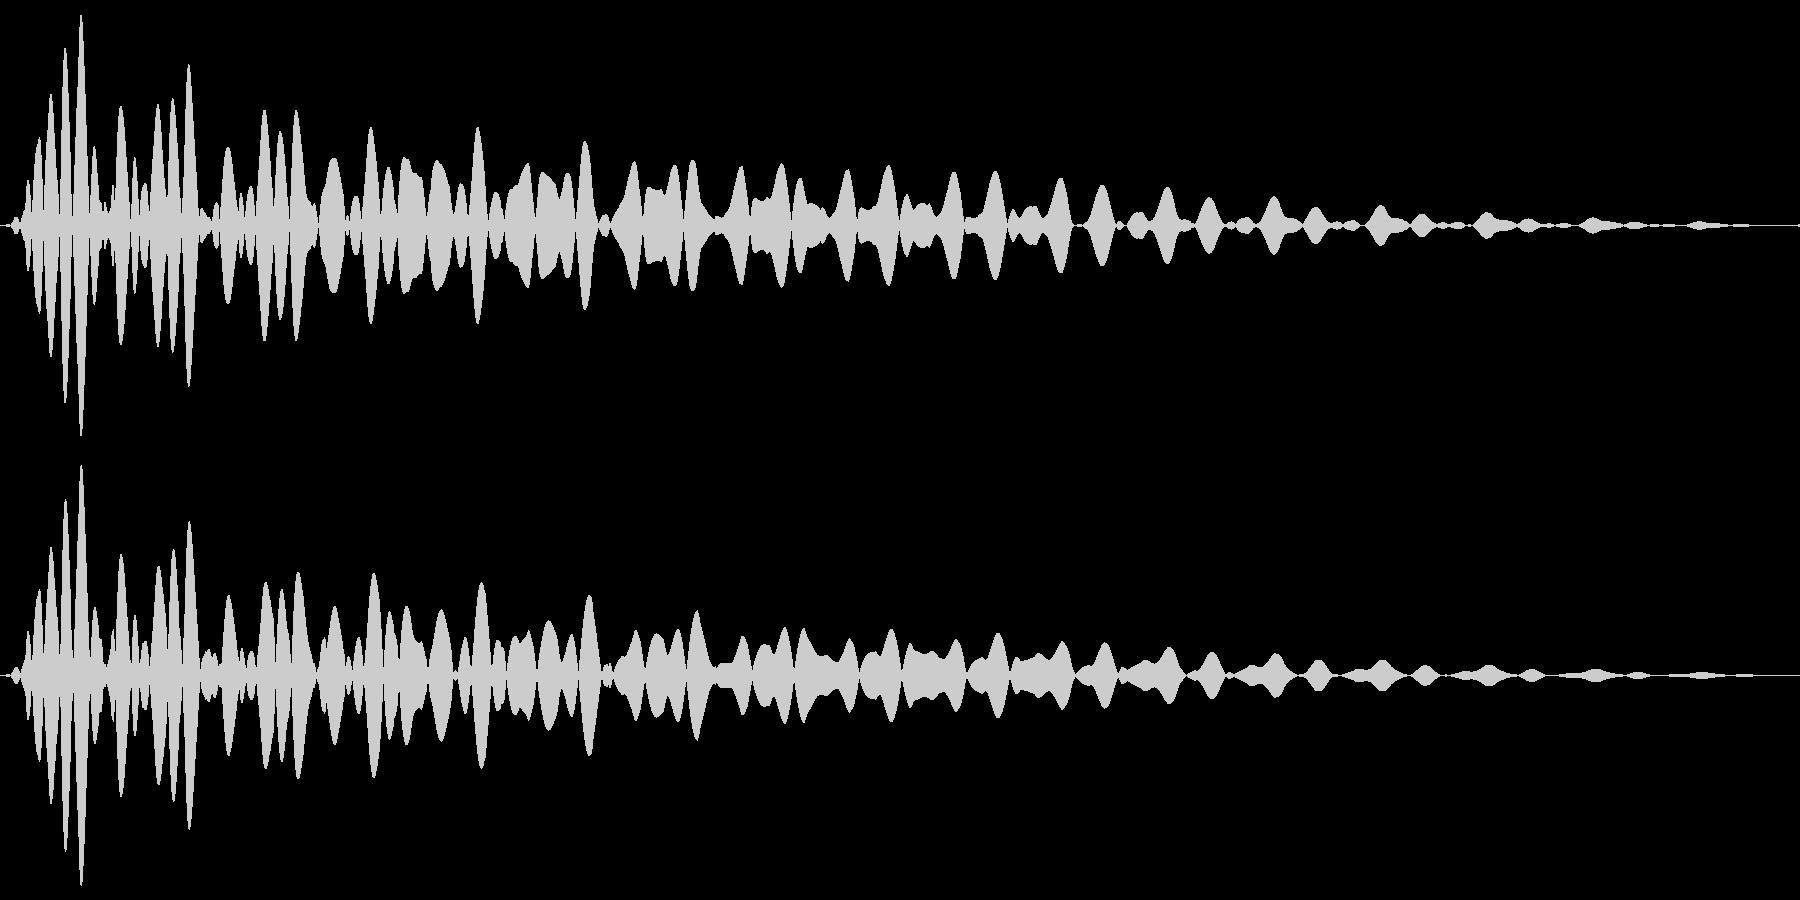 PureTouch アプリ用タッチ音62の未再生の波形